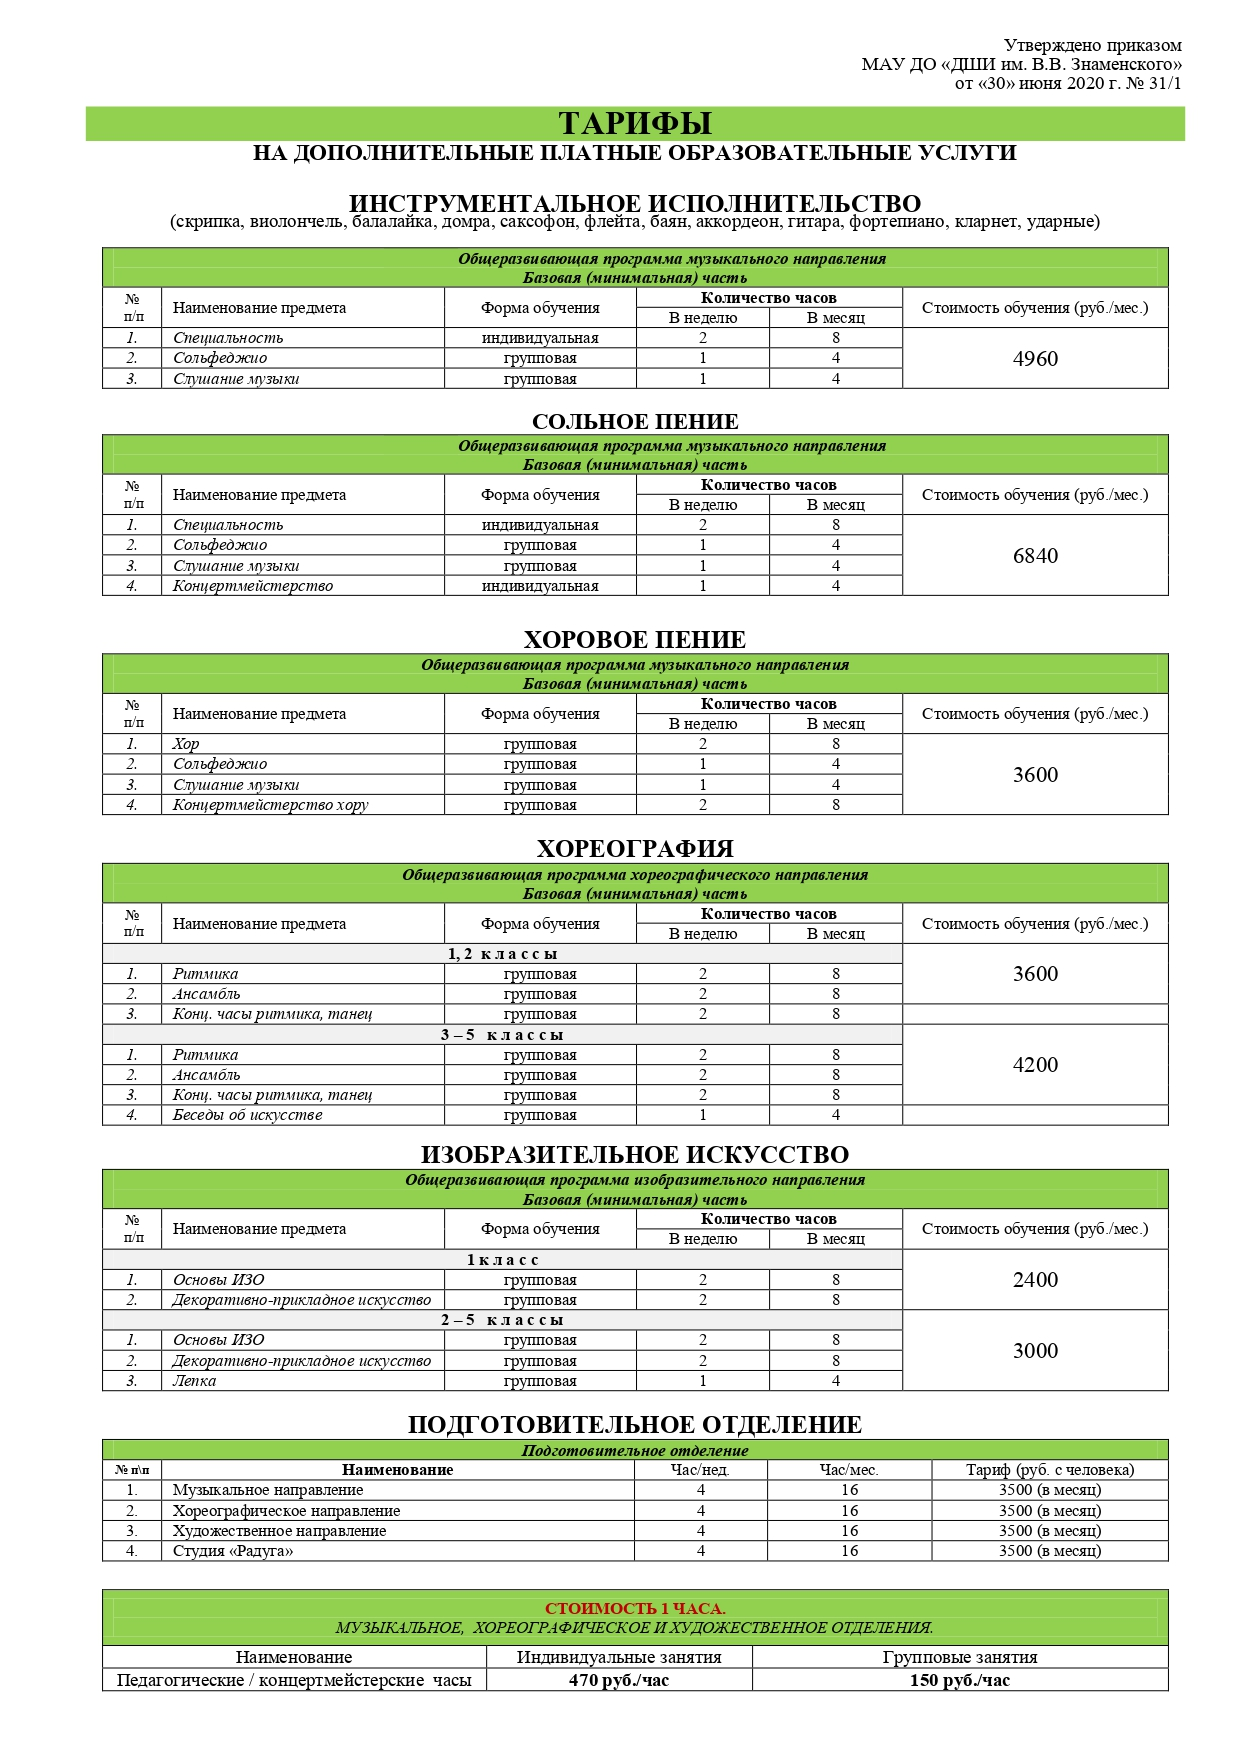 Тарифы на дополнительные платные образовательные услуги с 30.06.2020 г.